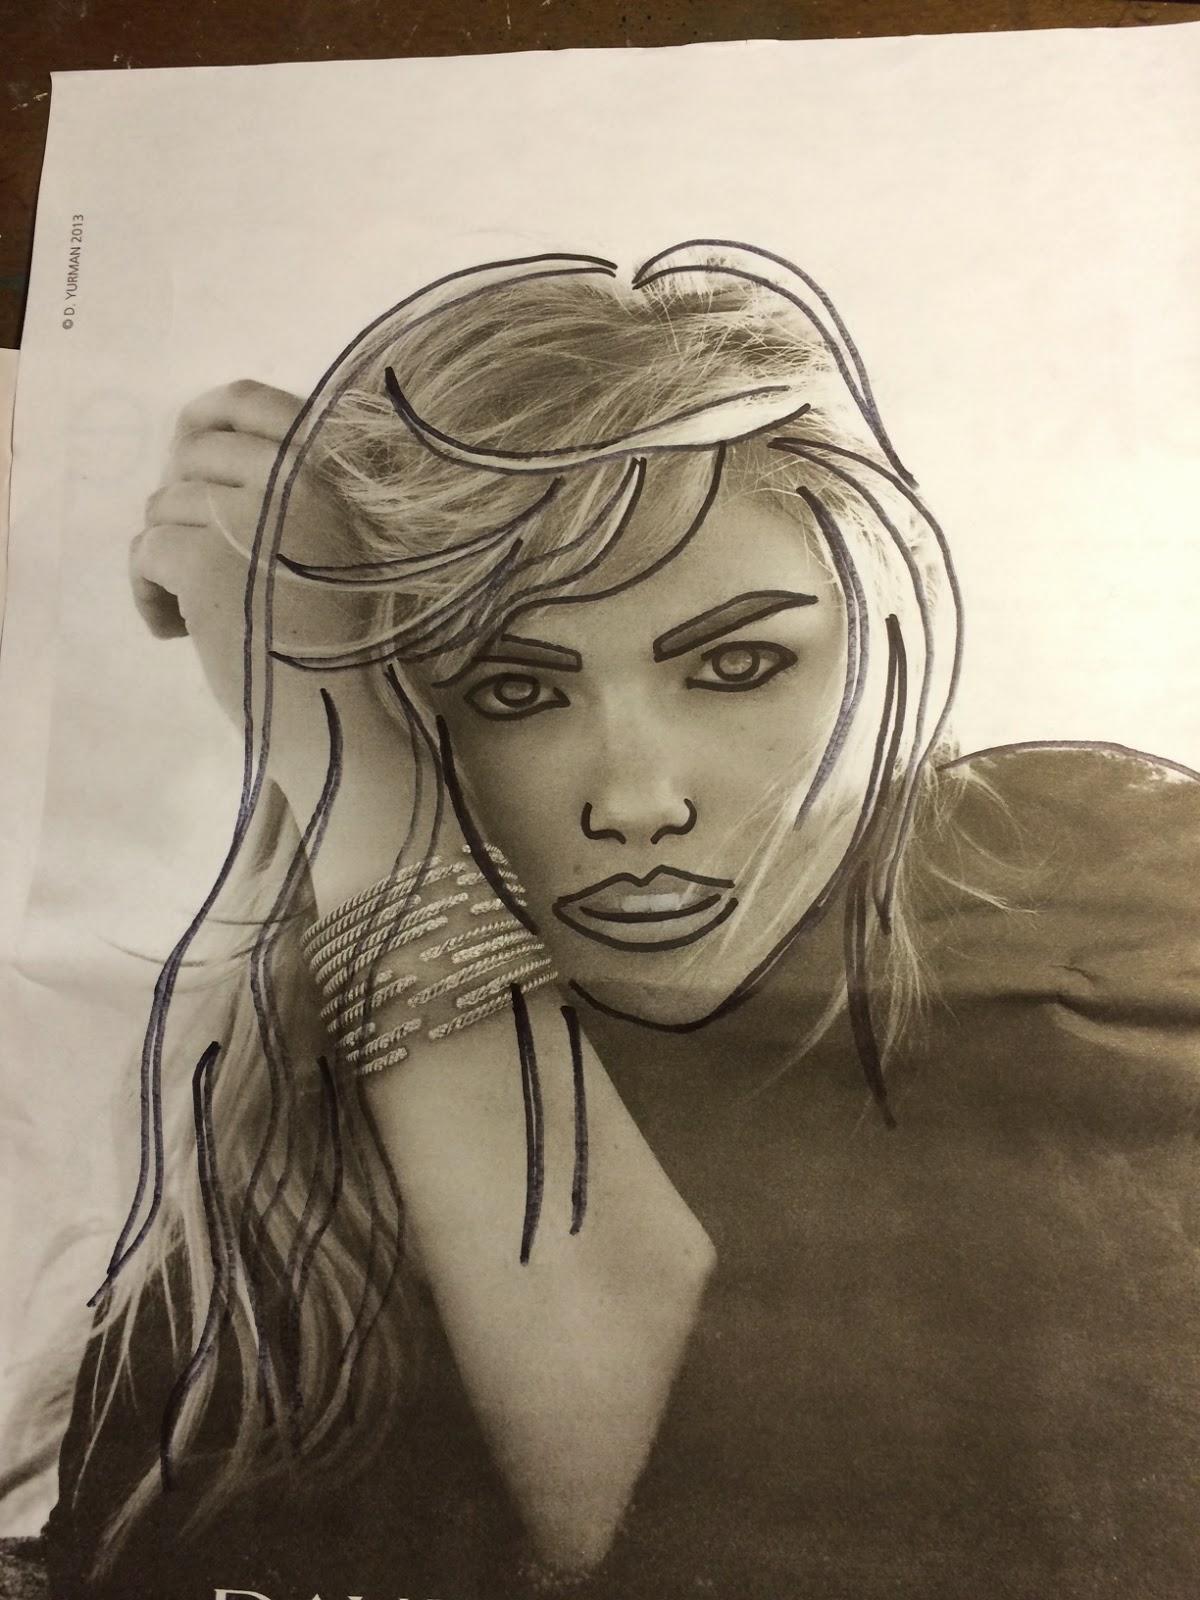 http://2.bp.blogspot.com/-UYqpmi7_-Sc/U2pz9kM1i_I/AAAAAAAAHys/sV2esLP7Dno/s1600/faces+stencil.JPG